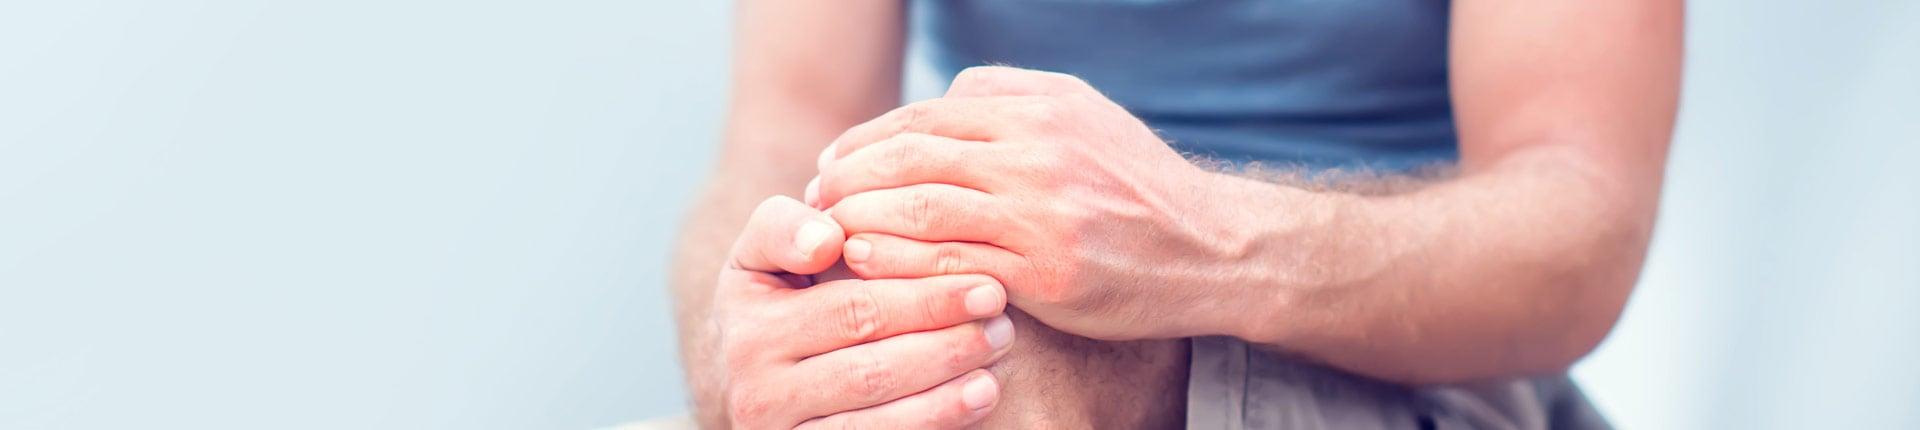 Leczenie choroby zwyrodnieniowej kolan